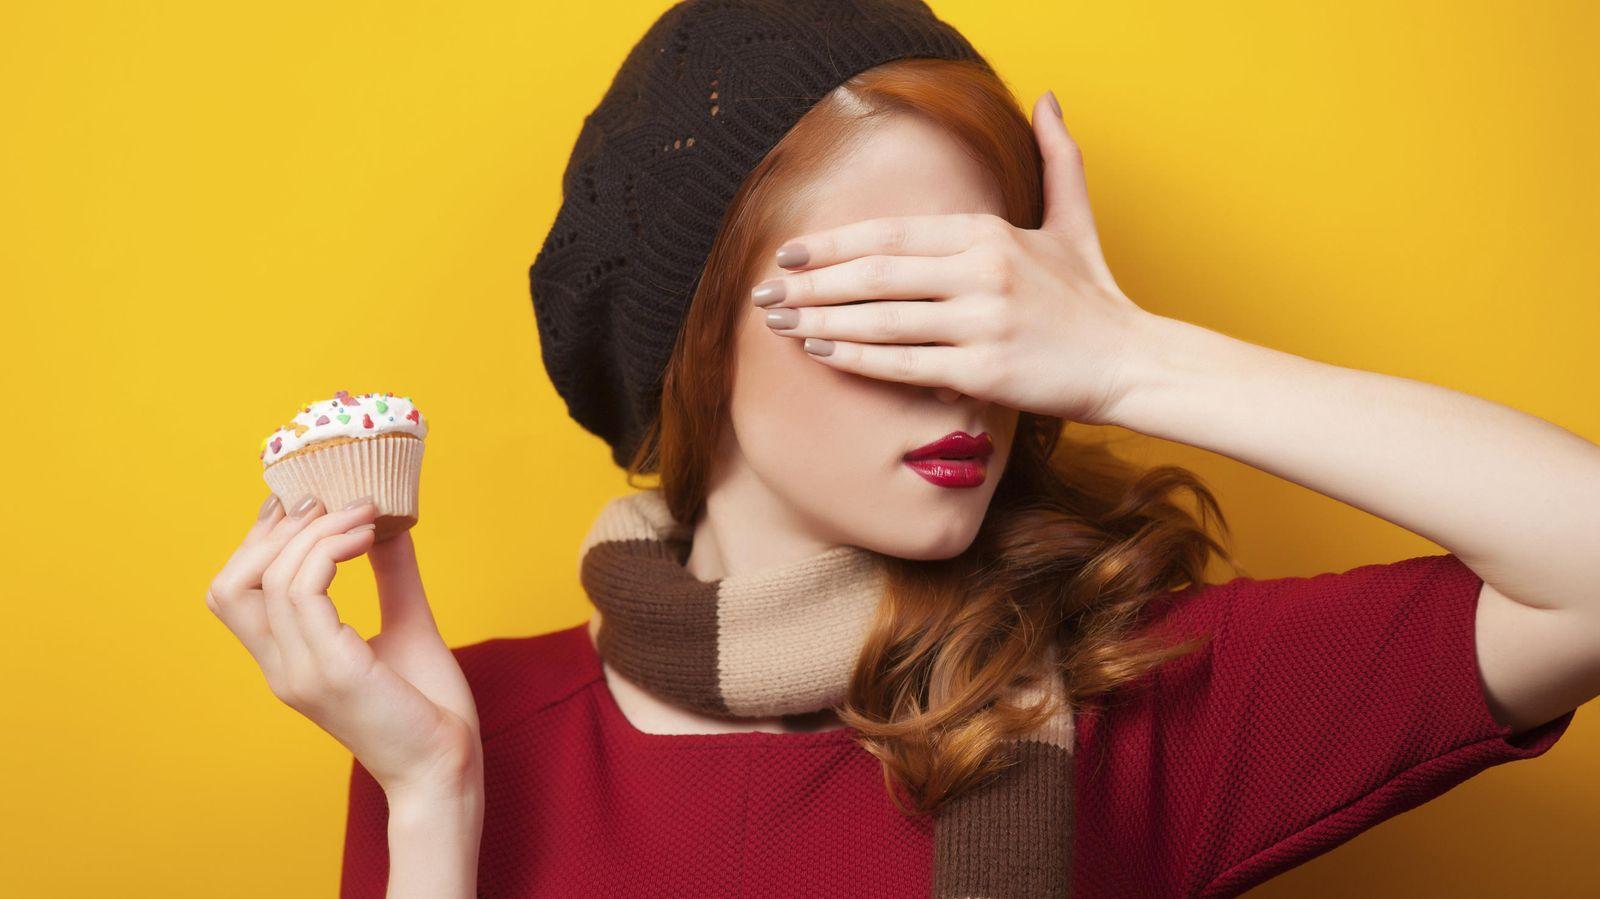 Foto: No basta con no mirarlos. Si quieres proteger tu salud, trata de erradicarlos de tu dieta. (iStock)